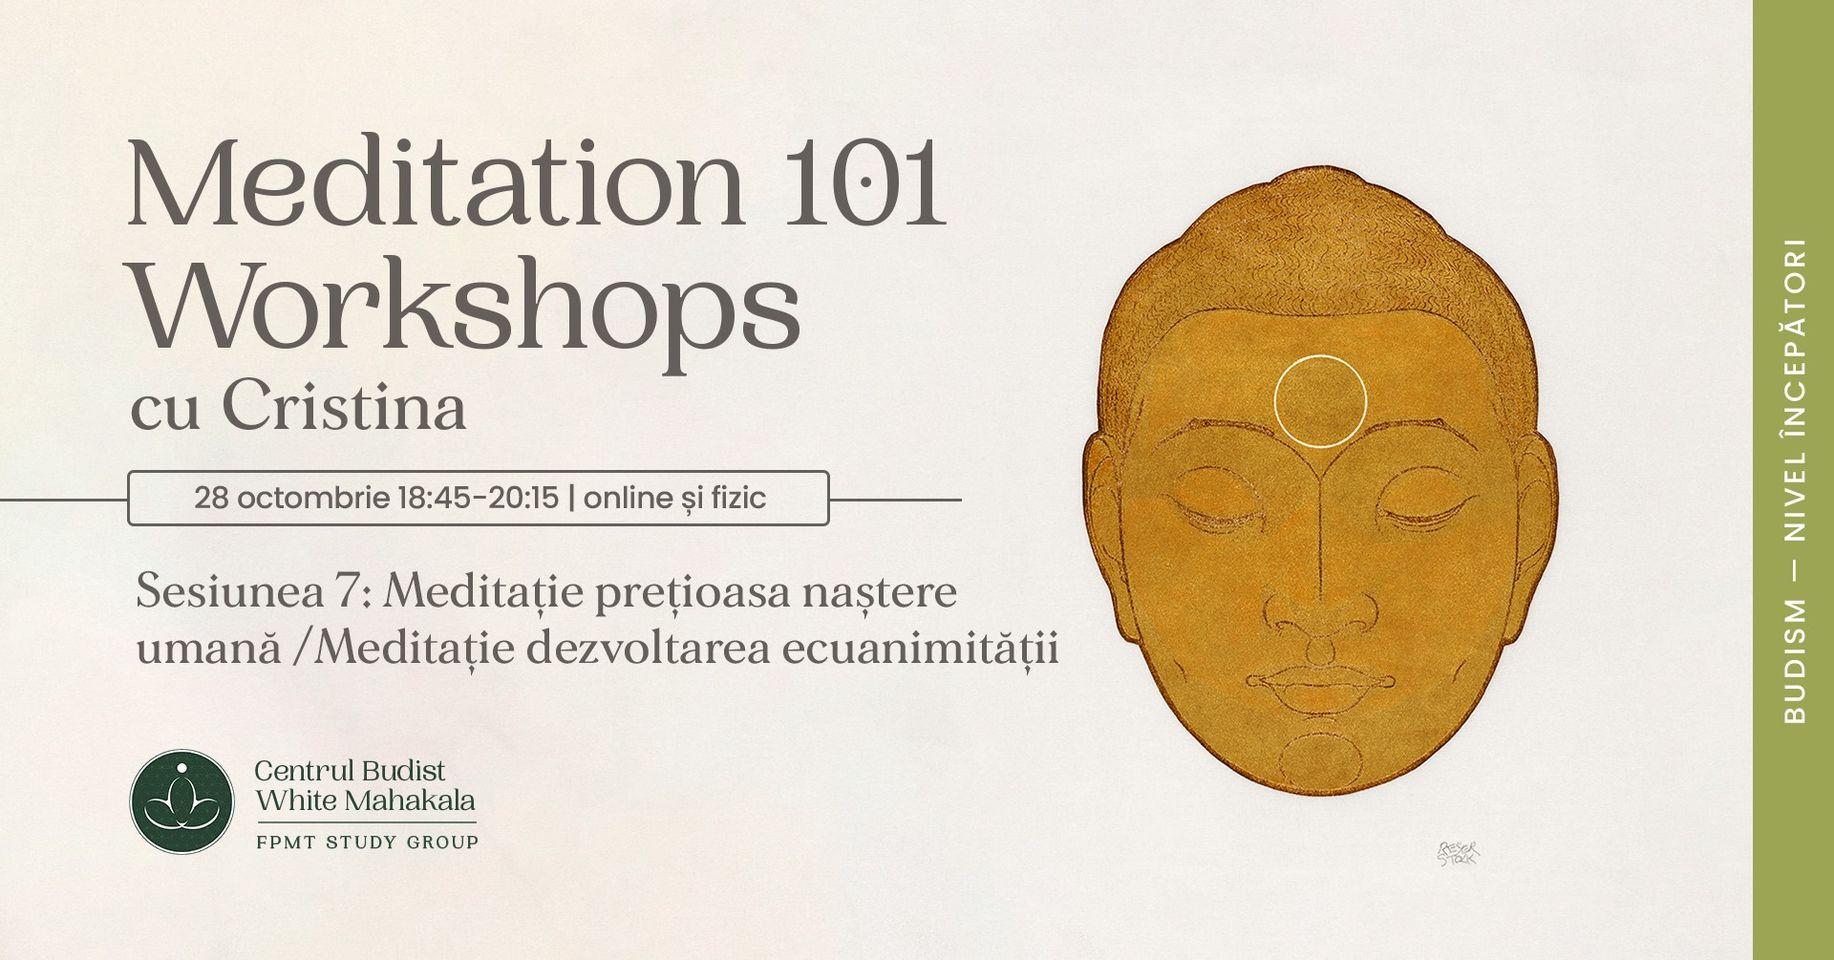 MEDITATION 101- Sesiunea 7: Meditatie pretioasa nastere umana/Meditatie dezvoltarea ecuanimitatii